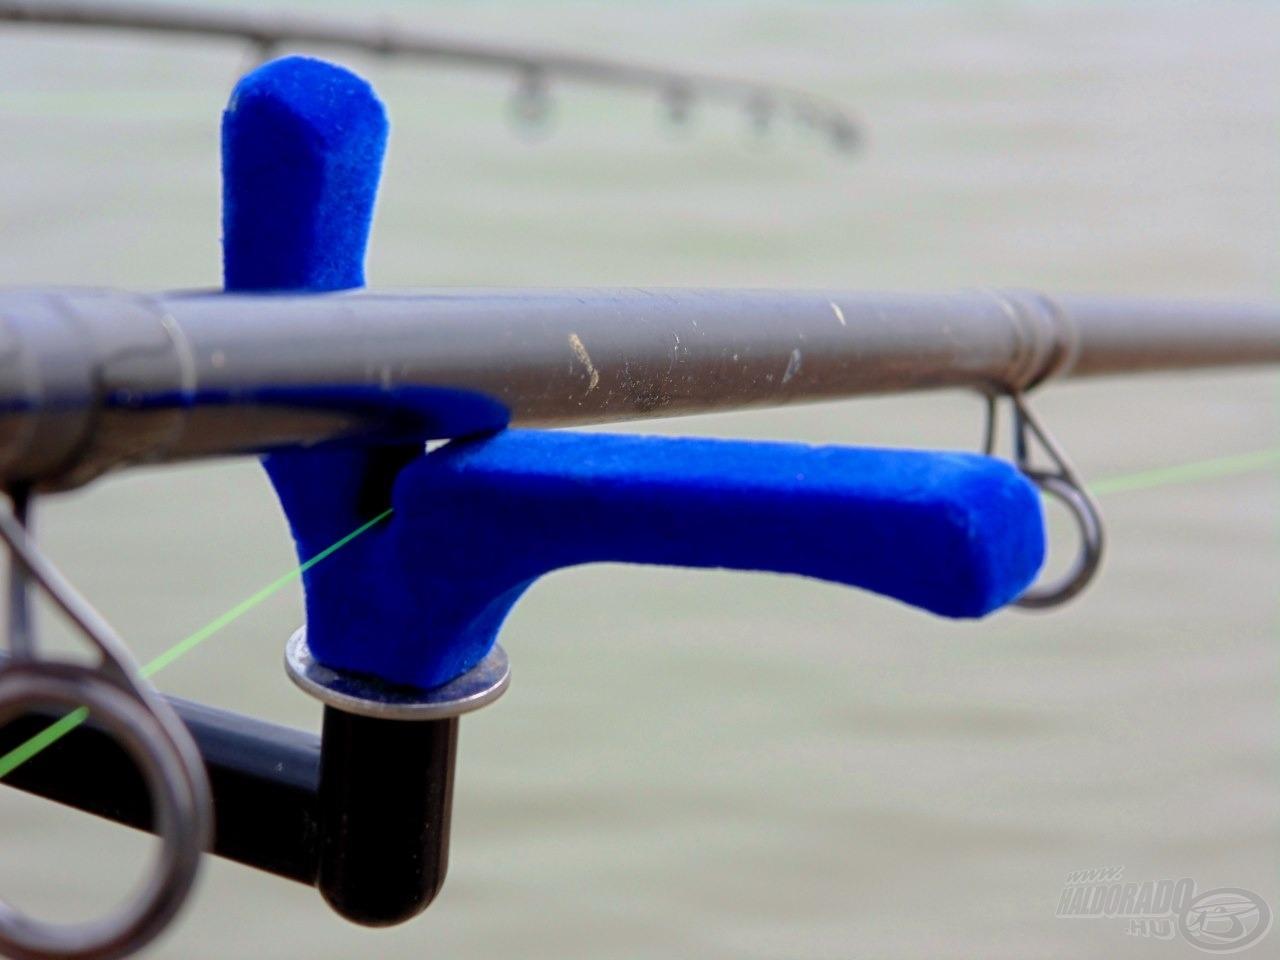 Két bottal horgászva elkél a biztonsági bottartó